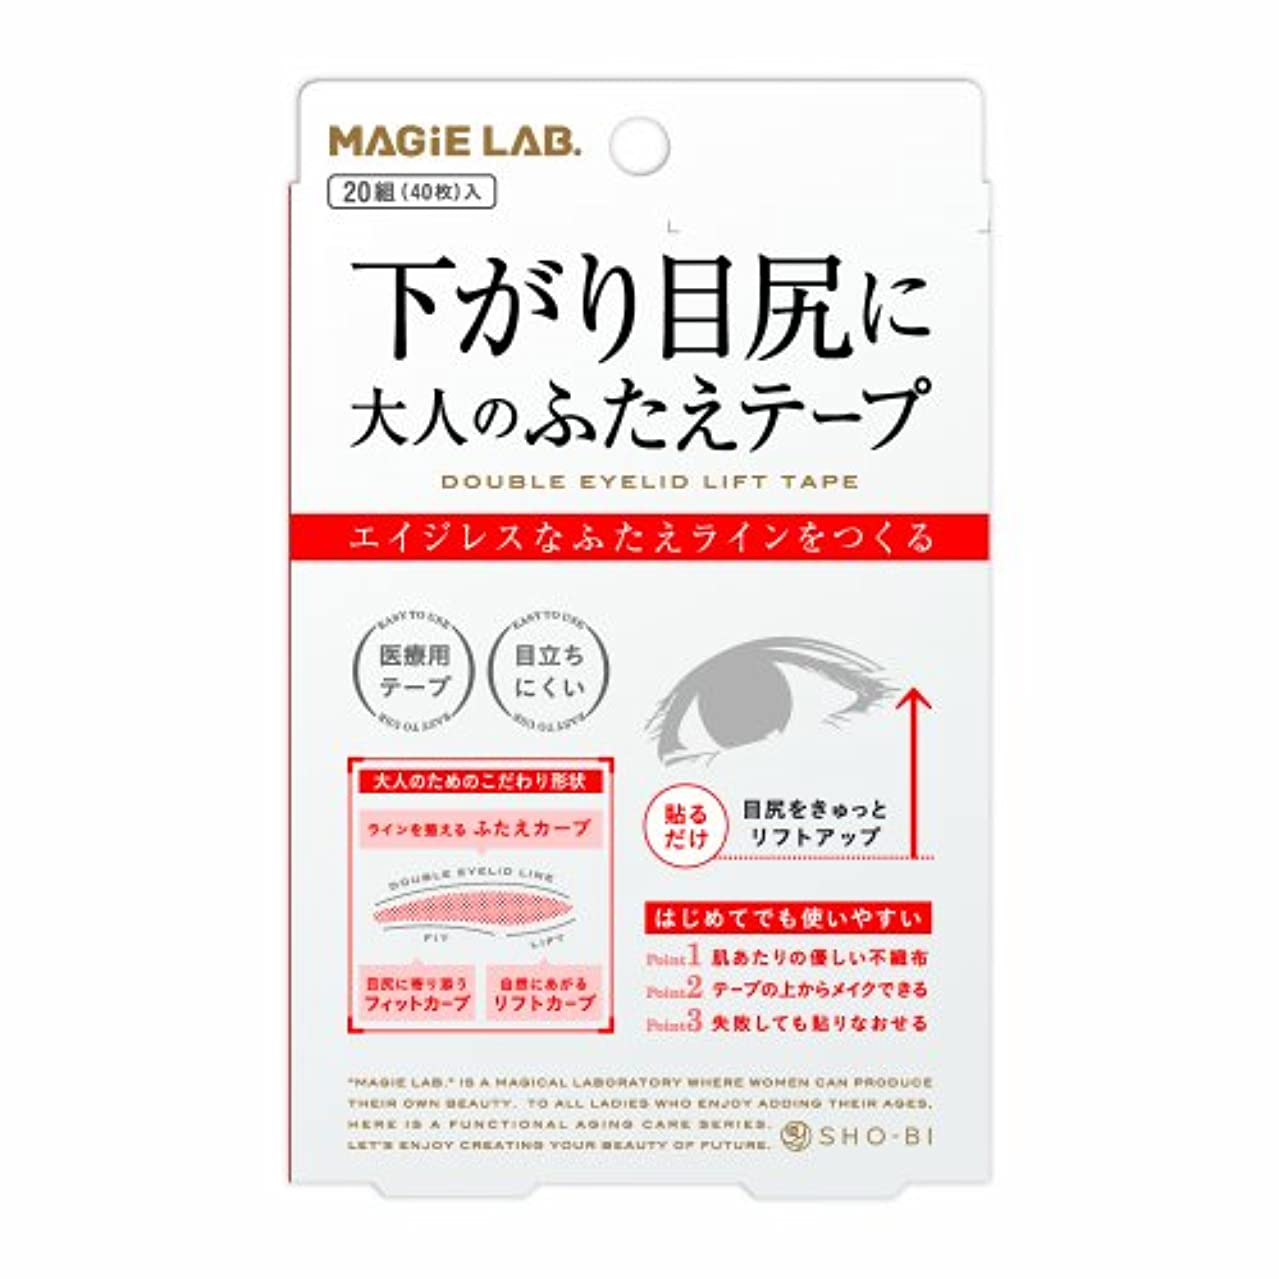 神経障害文明化三番MG22105 下がり目尻に 大人のふたえープ 20組40枚入 整形テープ マジラボ MAGiE LAB.